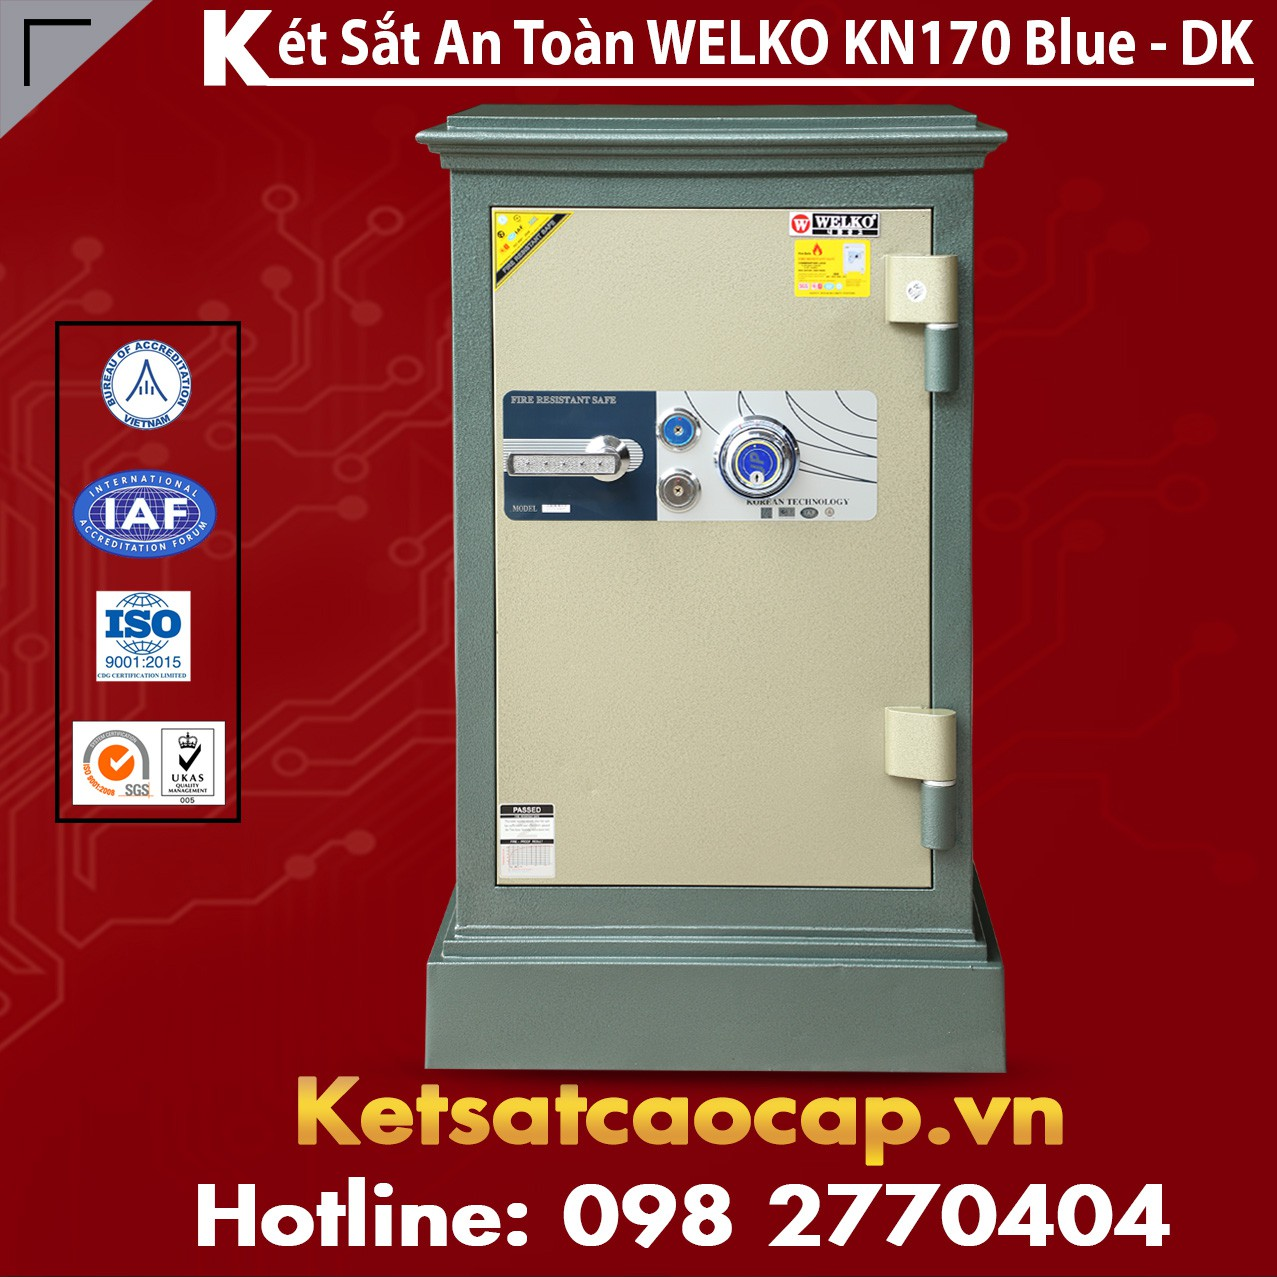 Két Sắt Thanh Hóa WELKO KN170 BLUE - DK